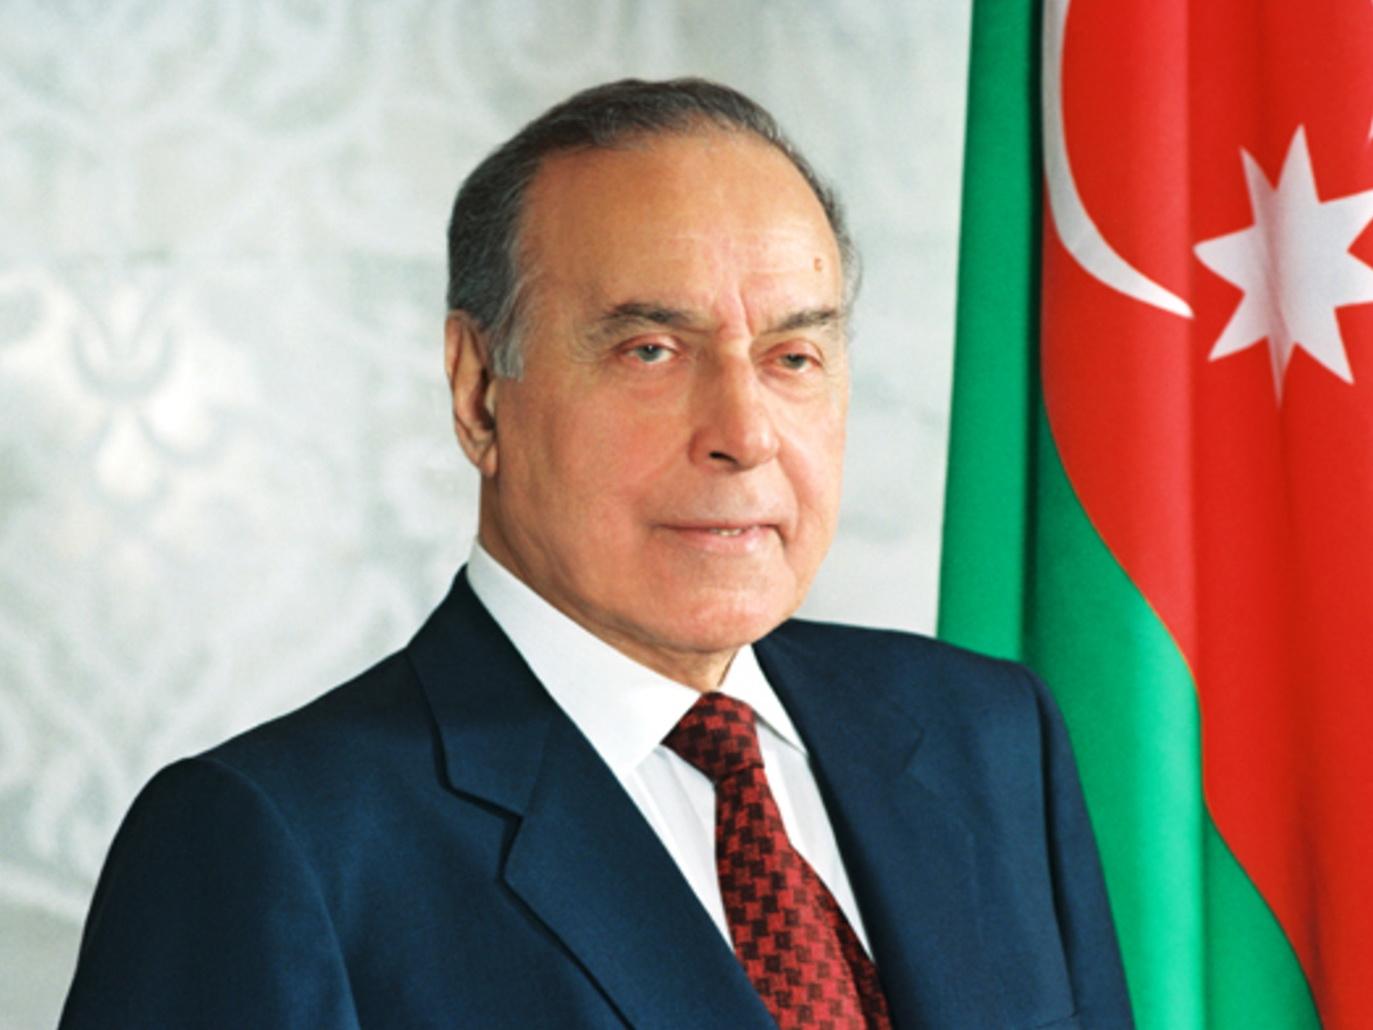 Айдын Гусейнов: Пик деятельности Гейдара Алиева – формирование независимого азербайджанского государства